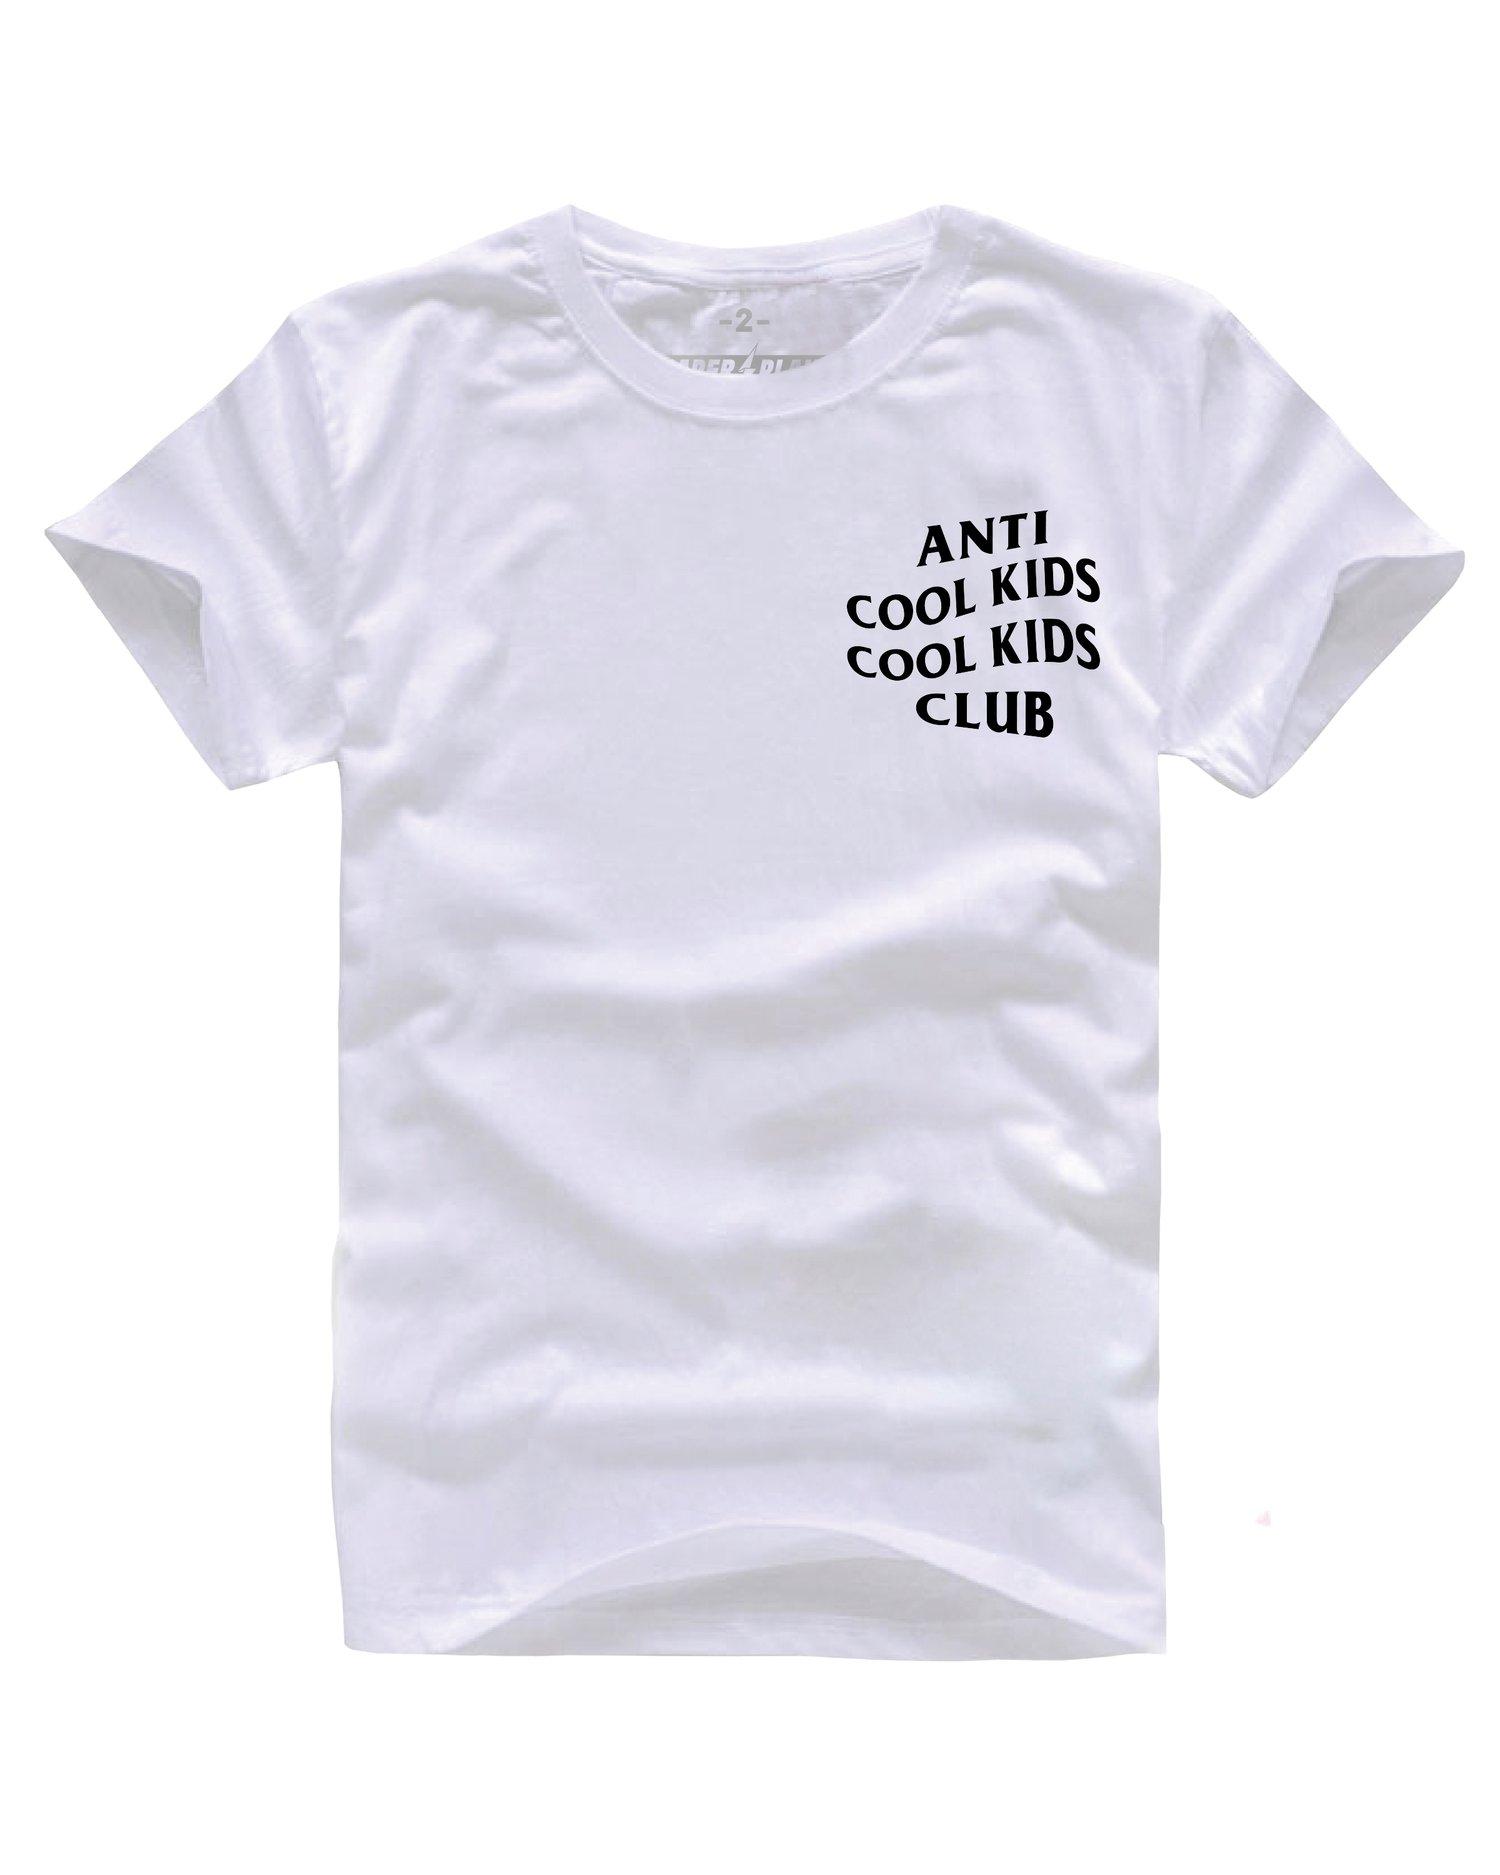 Image of ANTI COOL KIDS WHITE/BLACK